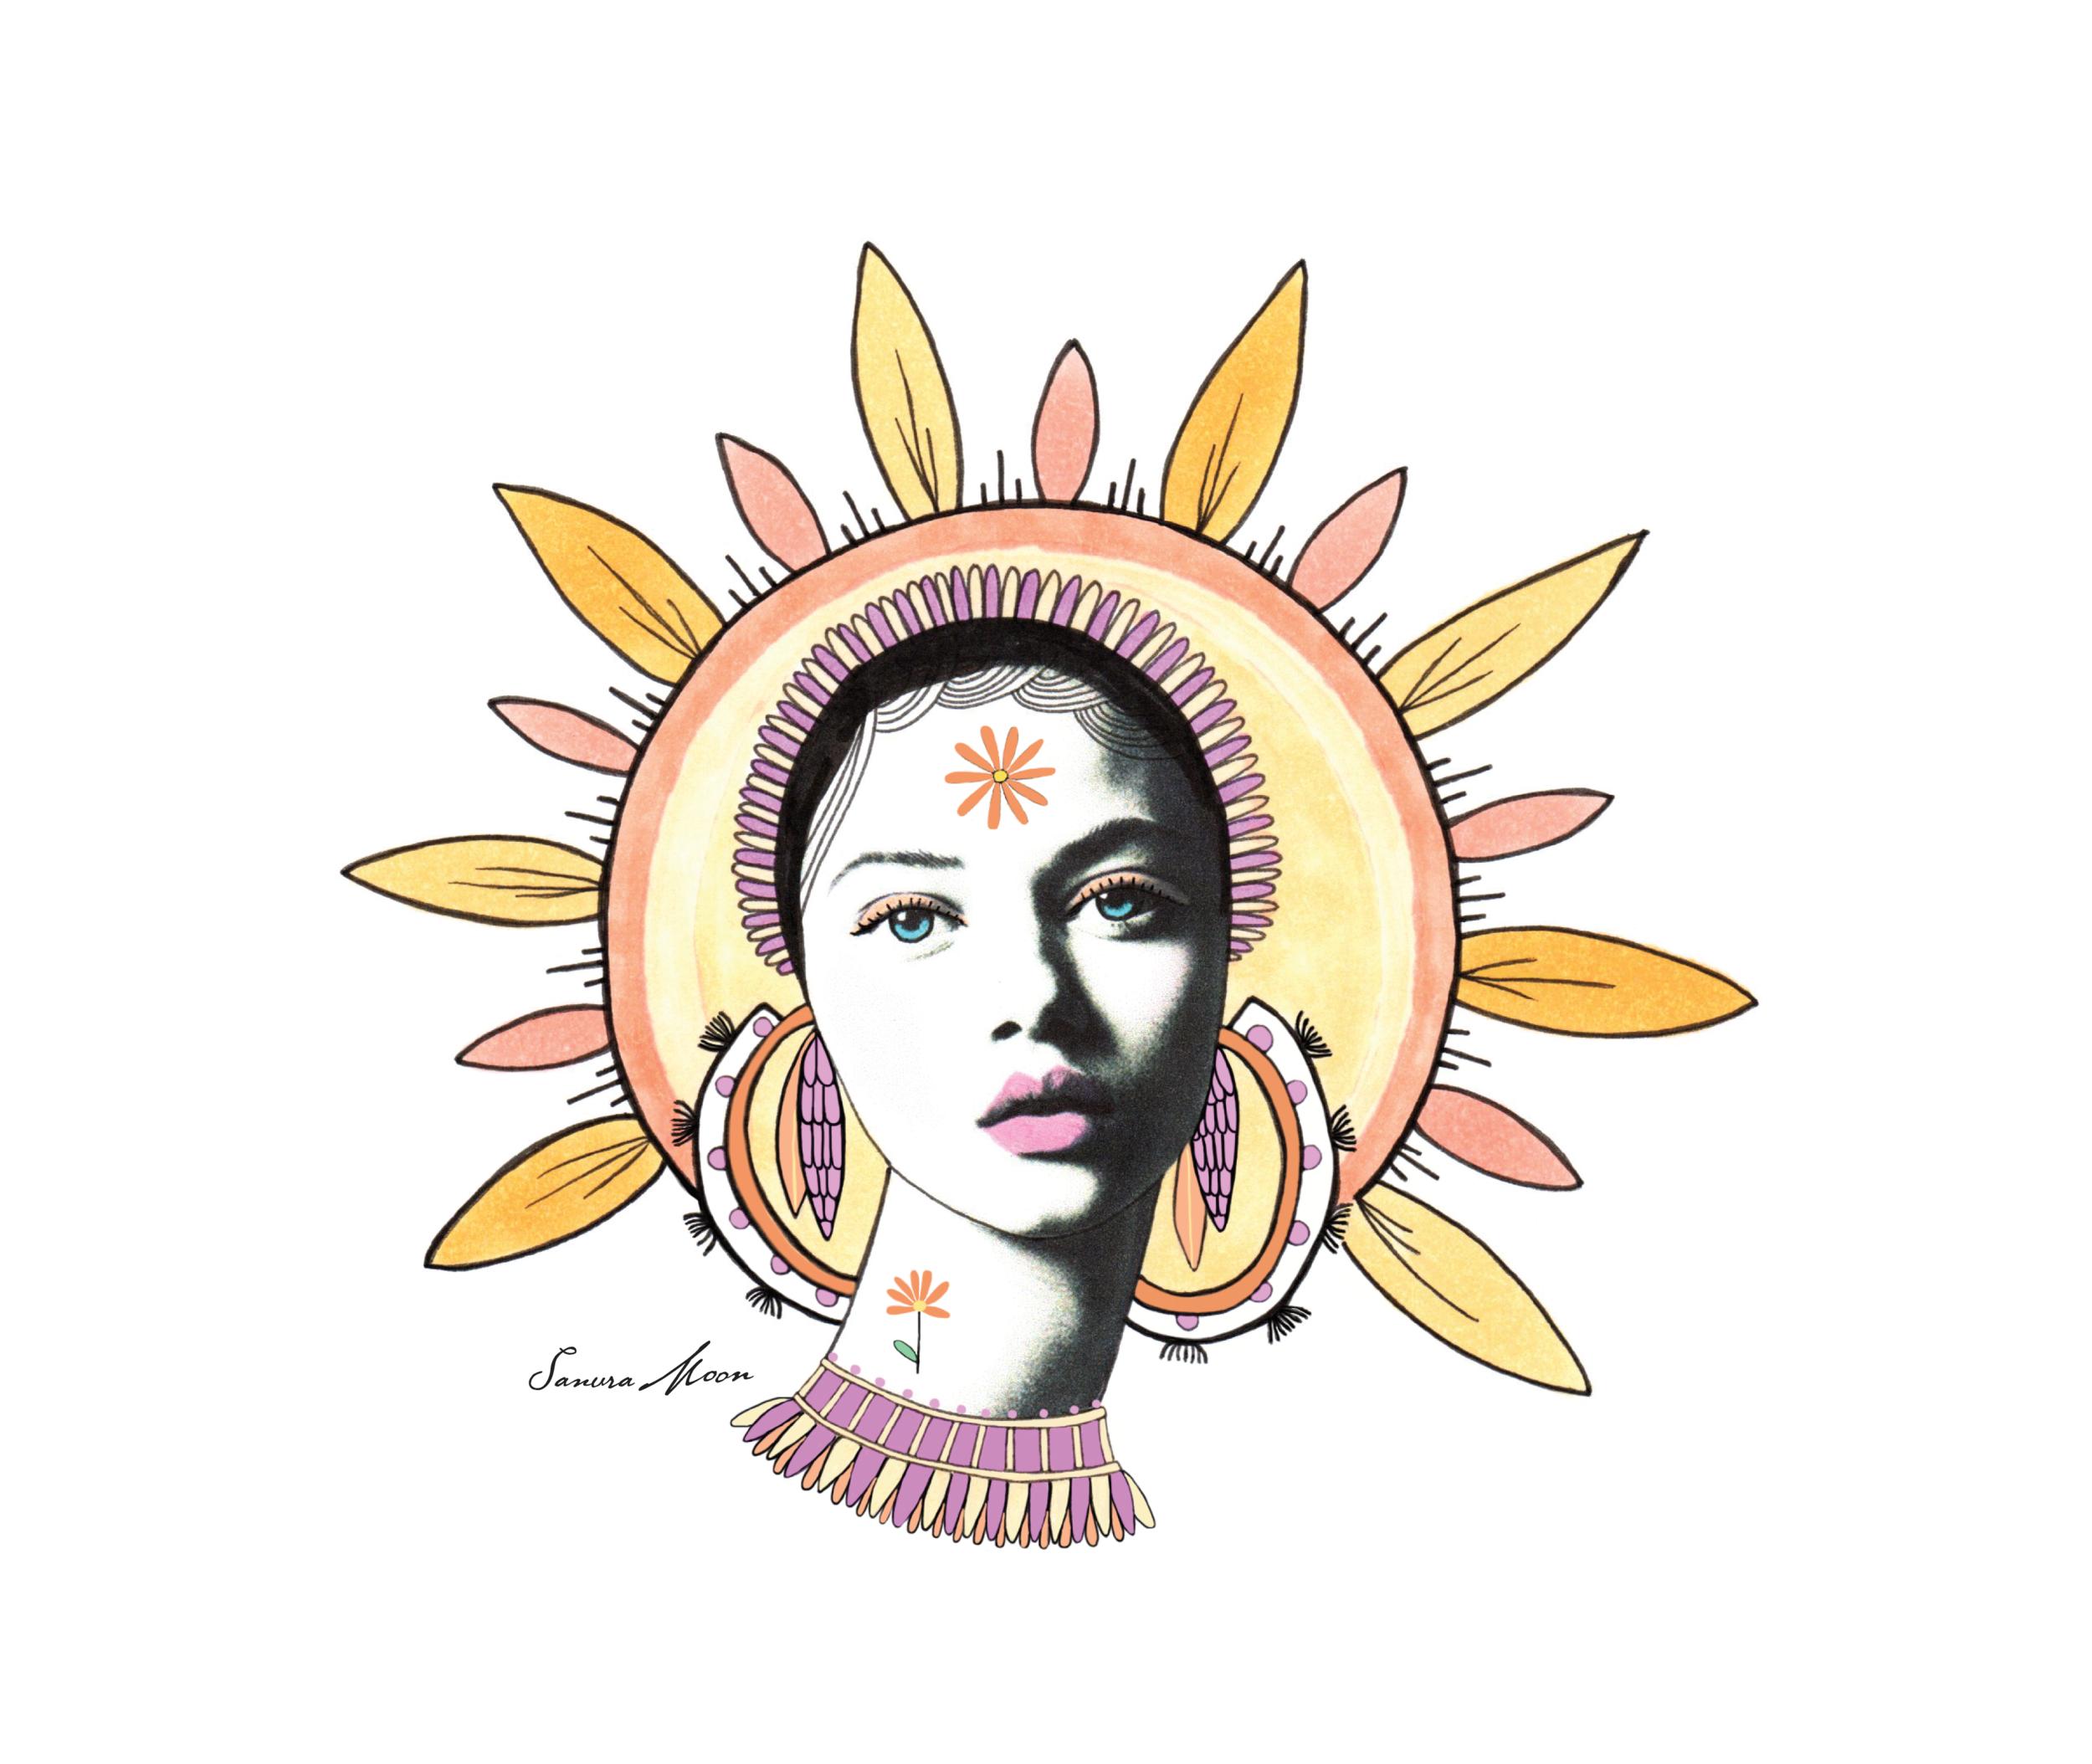 Sunshine_Face_1.jpg